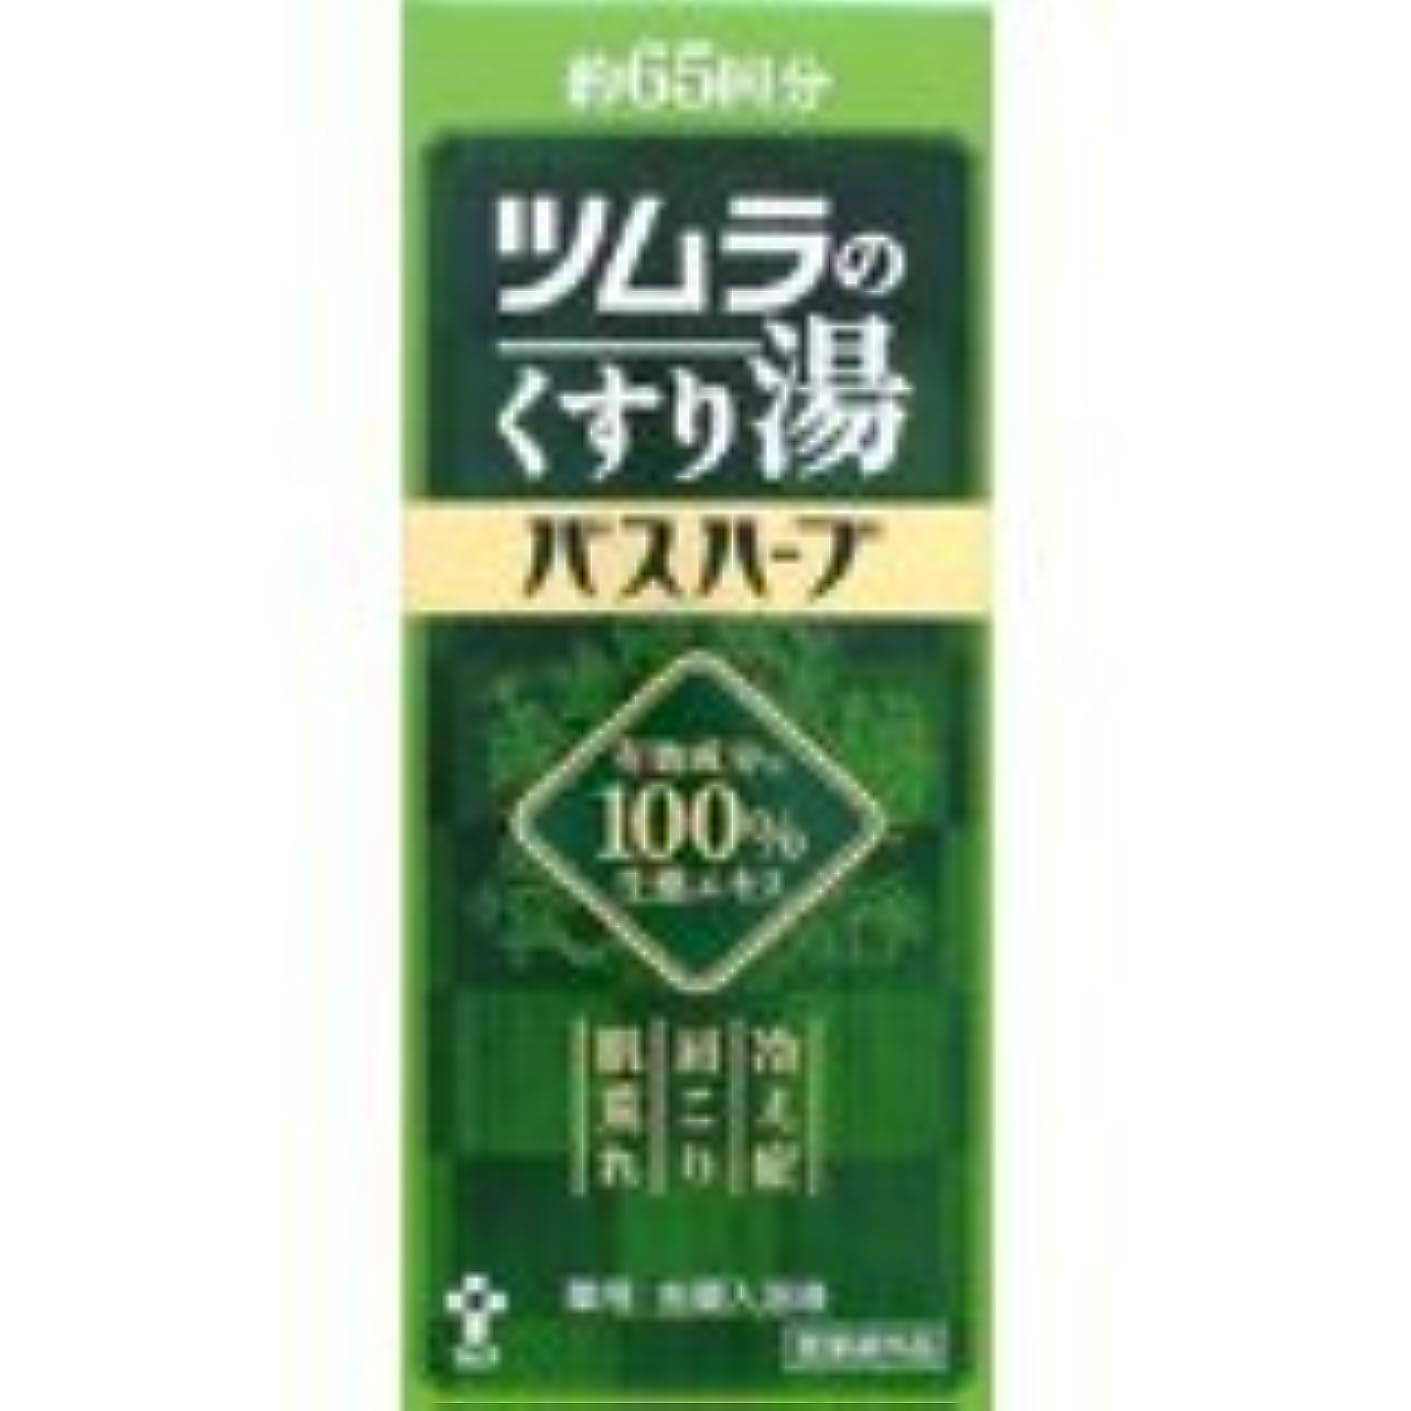 リベラル補助金中級ツムラ ツムラのくすり湯 バスハーブ 650ml×12本(1ケース)